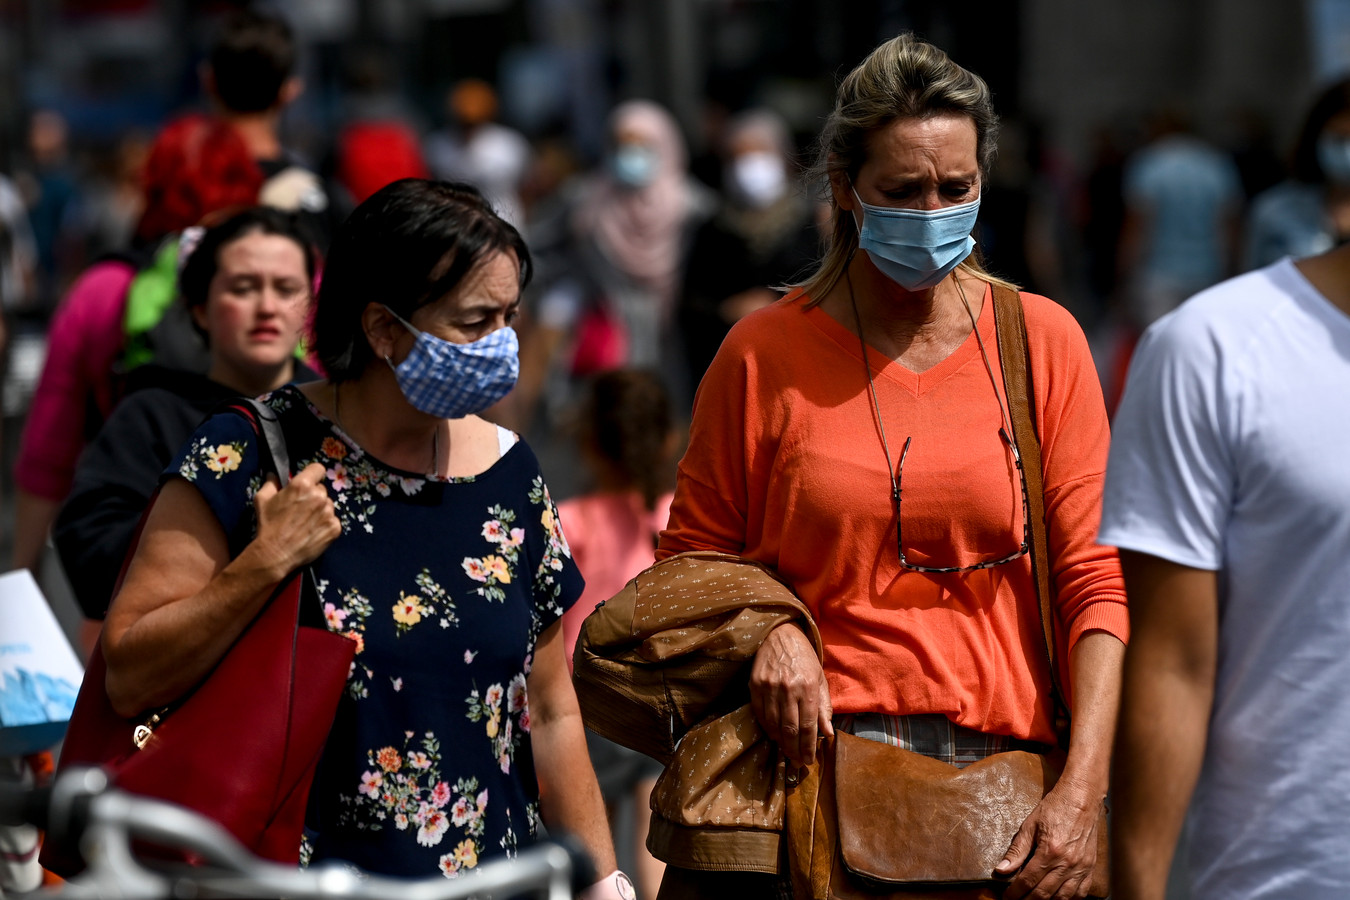 Inwoners van Antwerpen dragen mondkapjes tijdens het winkelen.